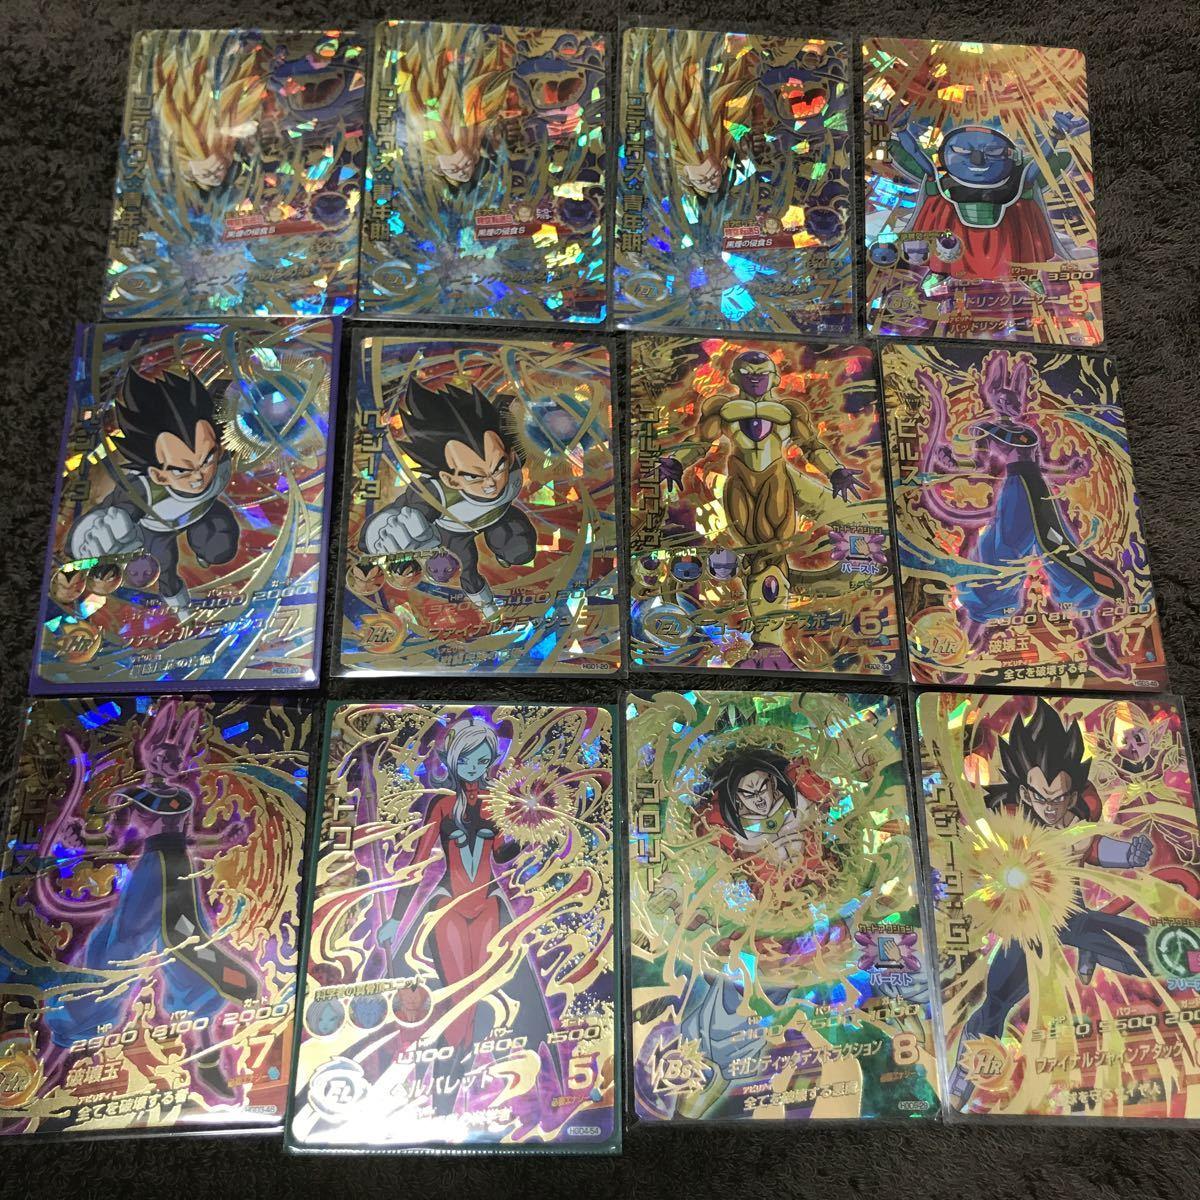 ドラゴンボールヒーローズ UR 100枚セット スーパードラゴンボールヒーローズ まとめ売り_画像5